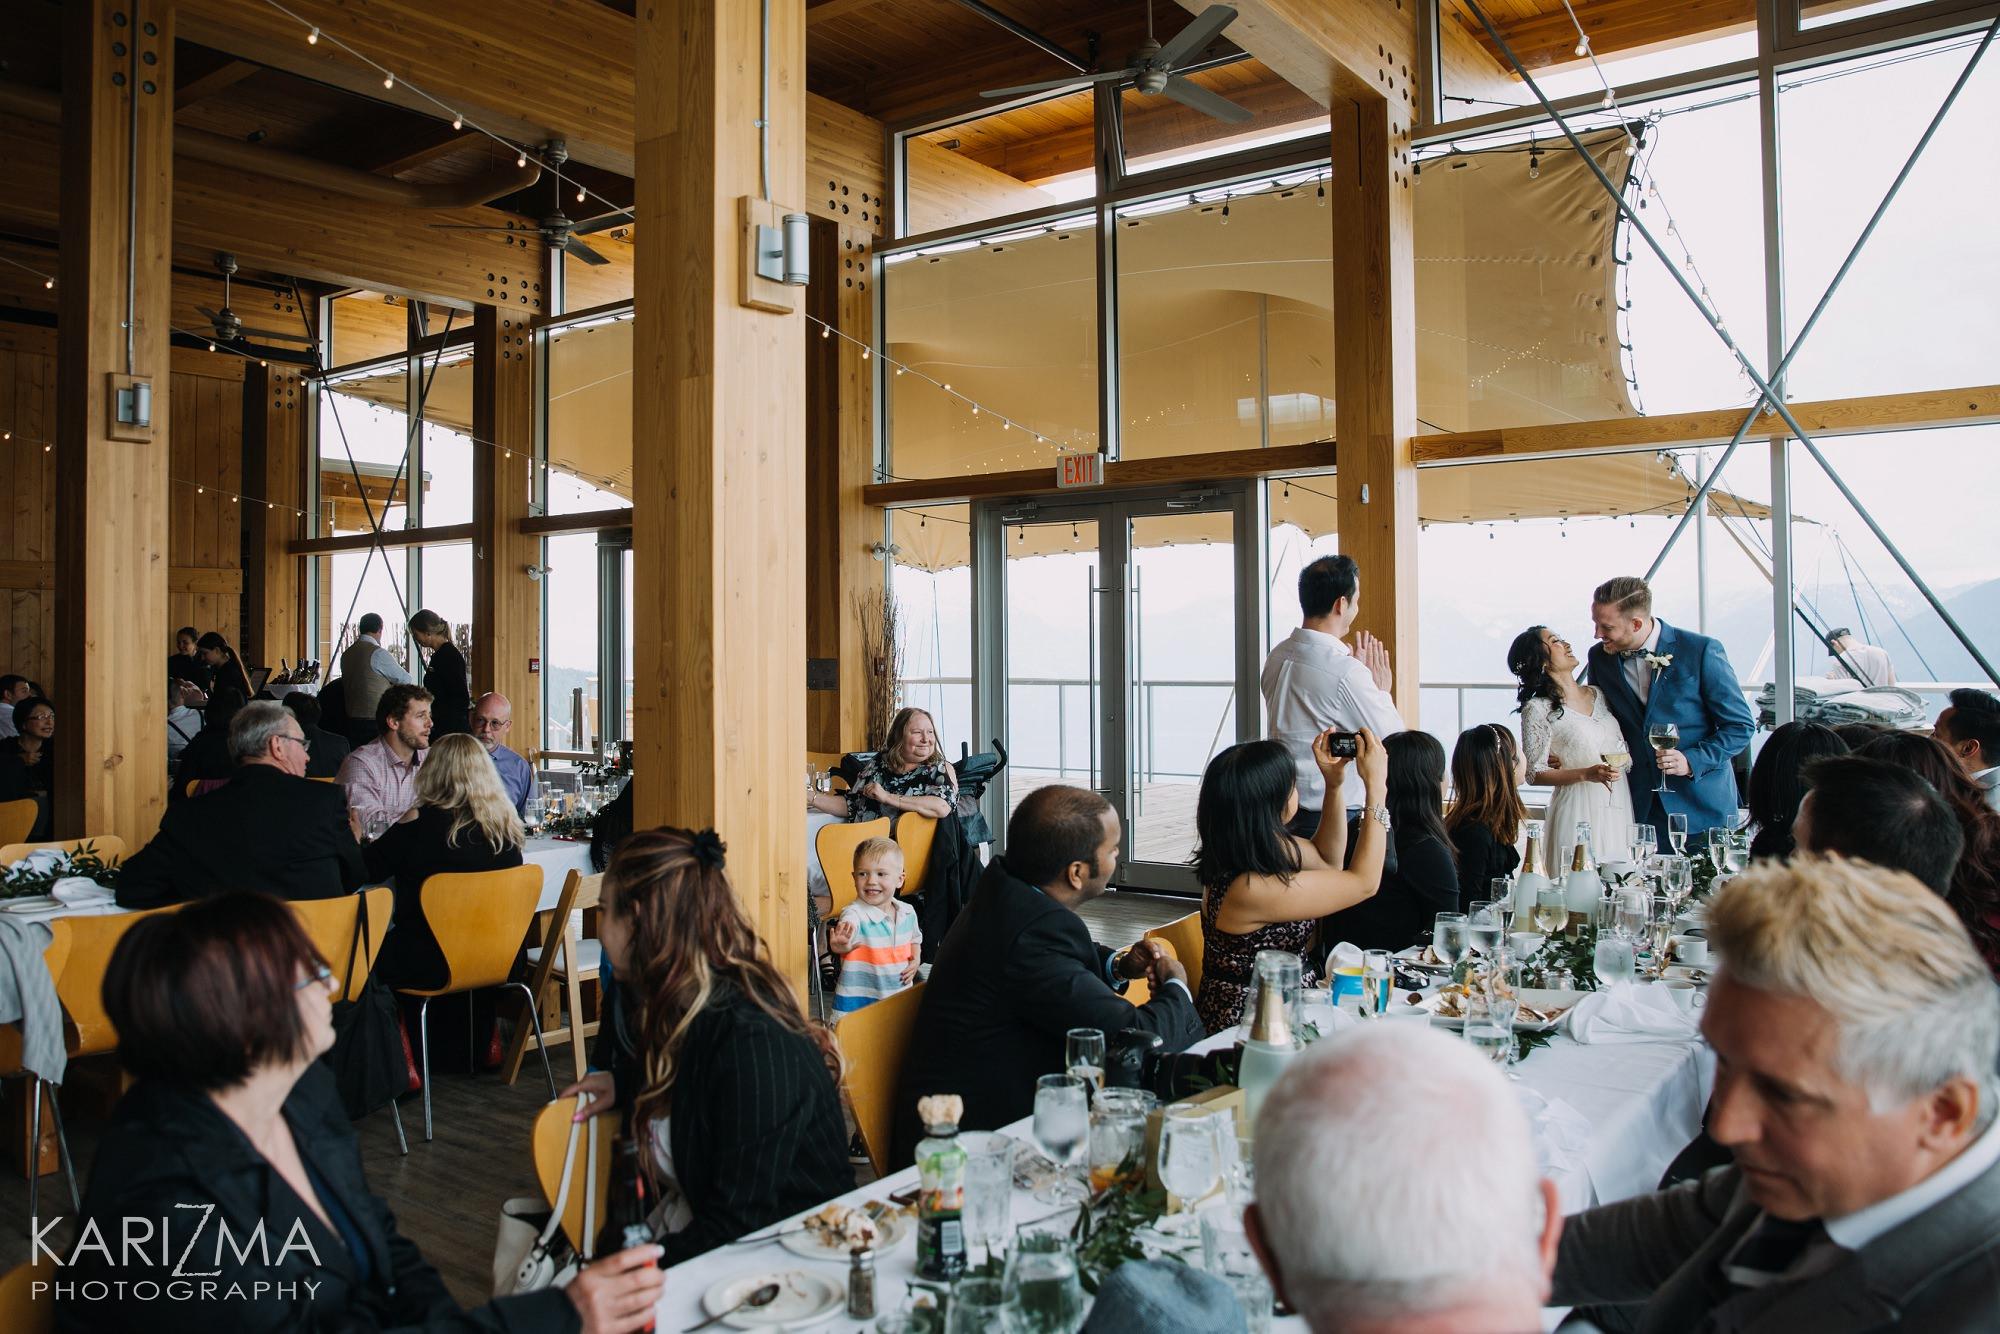 Sea to Sky Gondola Wedding reception